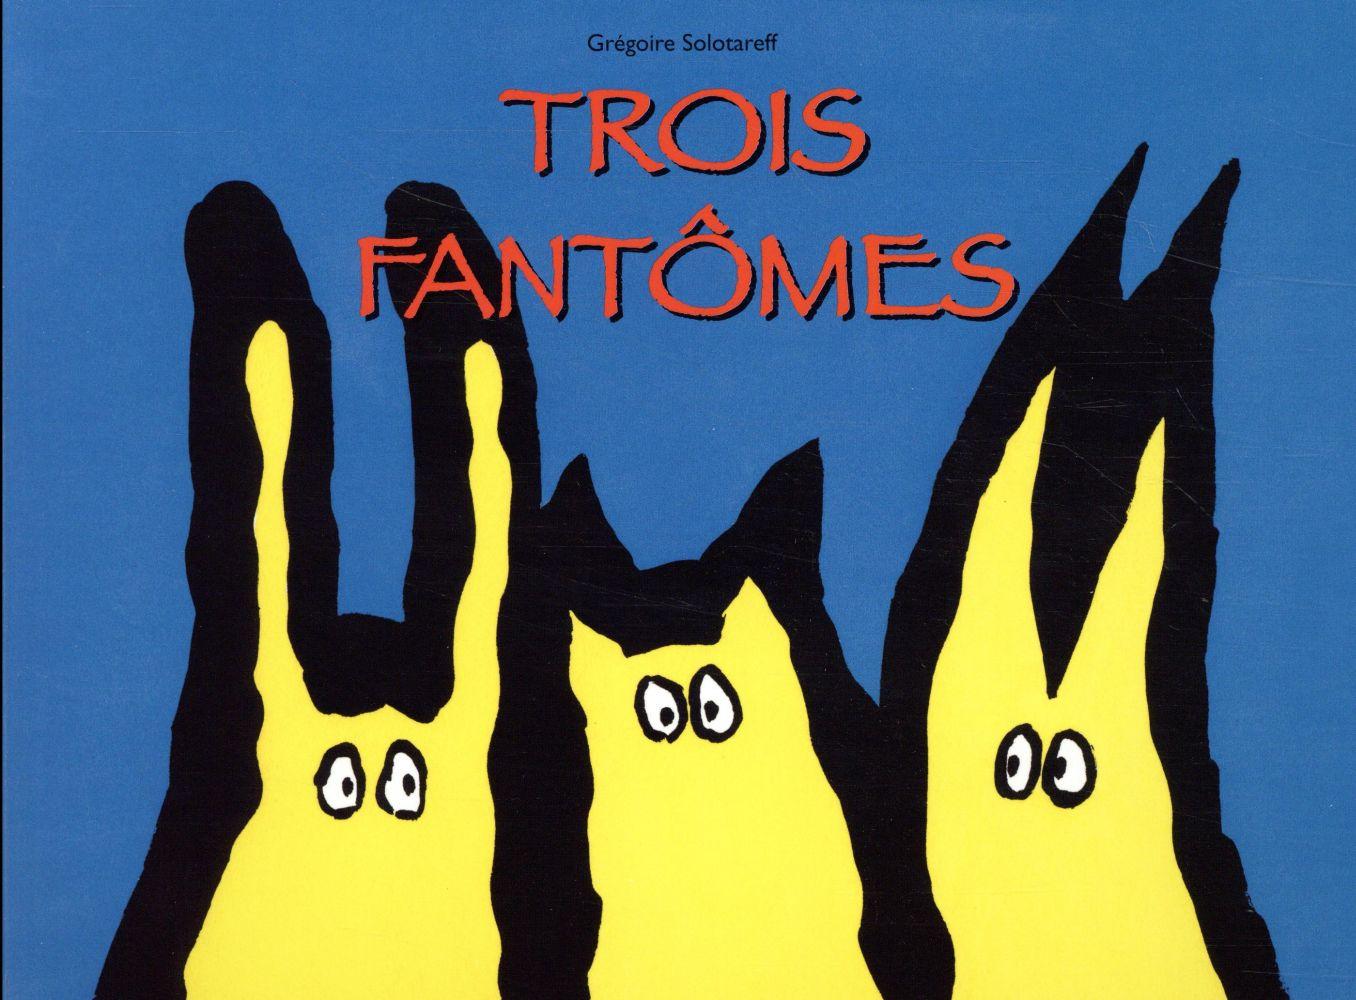 TROIS FANTOMES